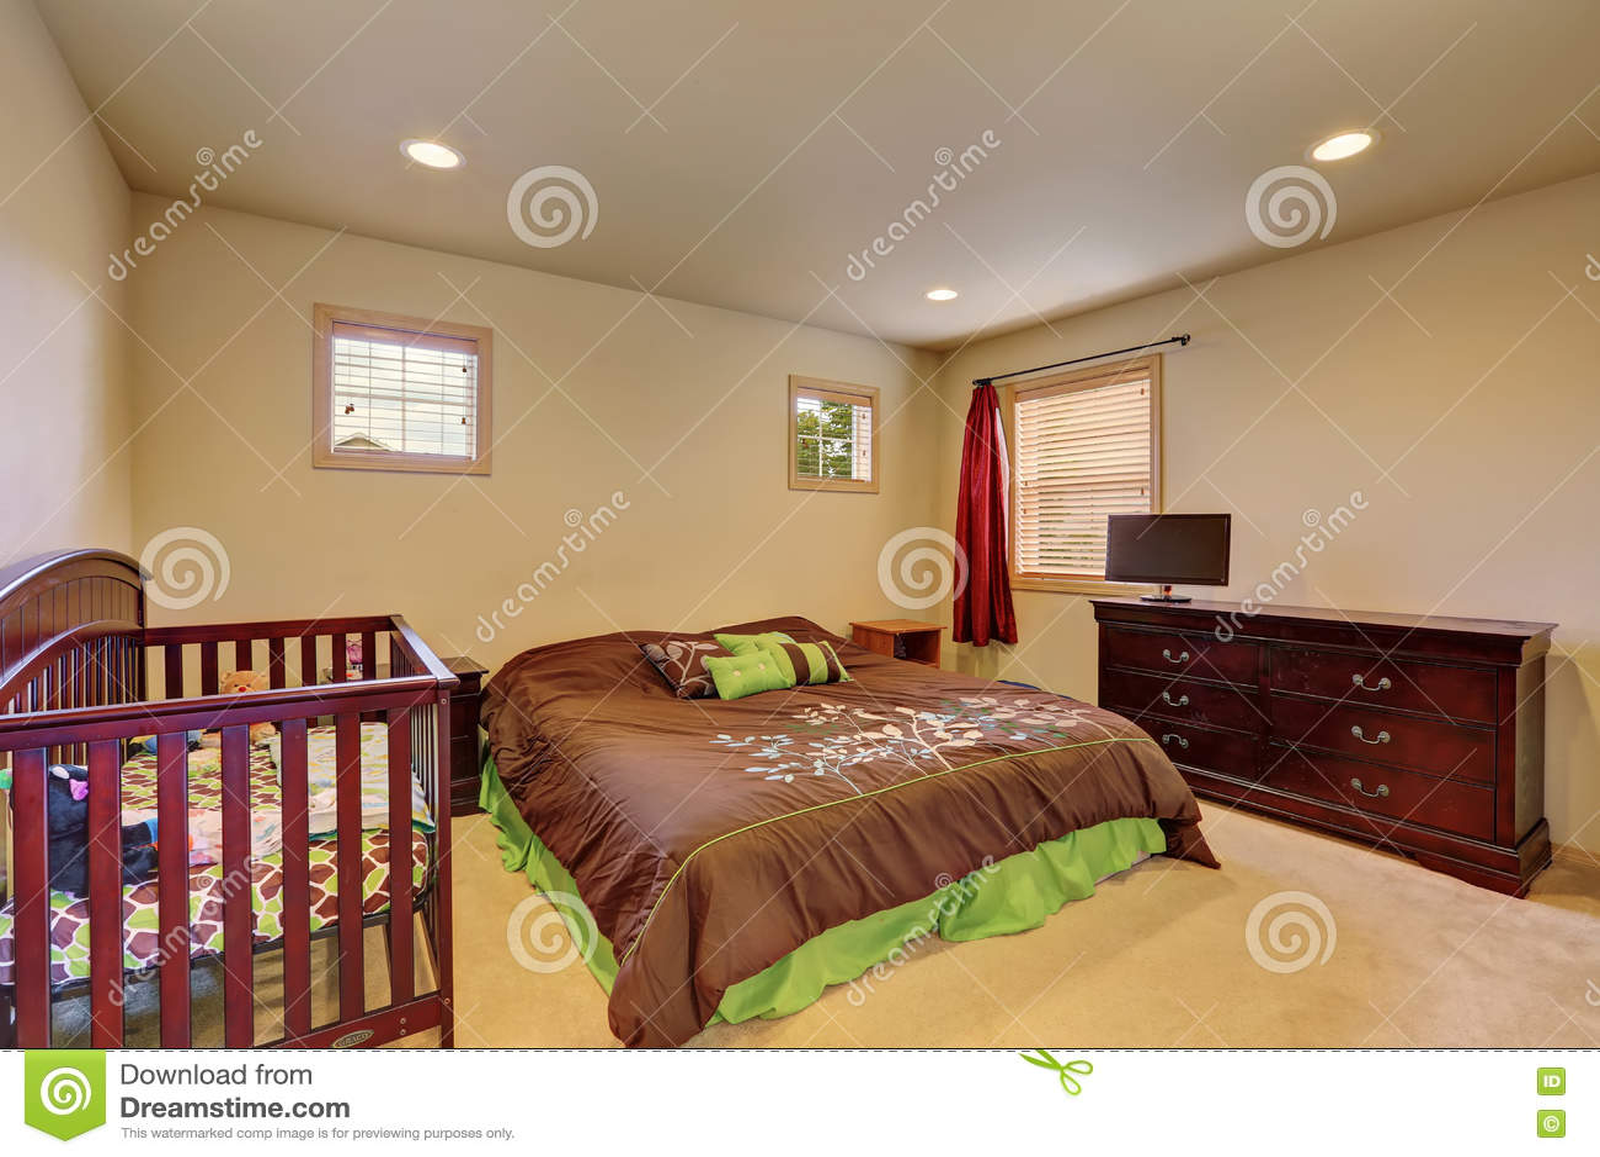 Ladenkast Voor Slaapkamer : Bruine slaapkamer met voederbak en uitstekende ladenkast stock